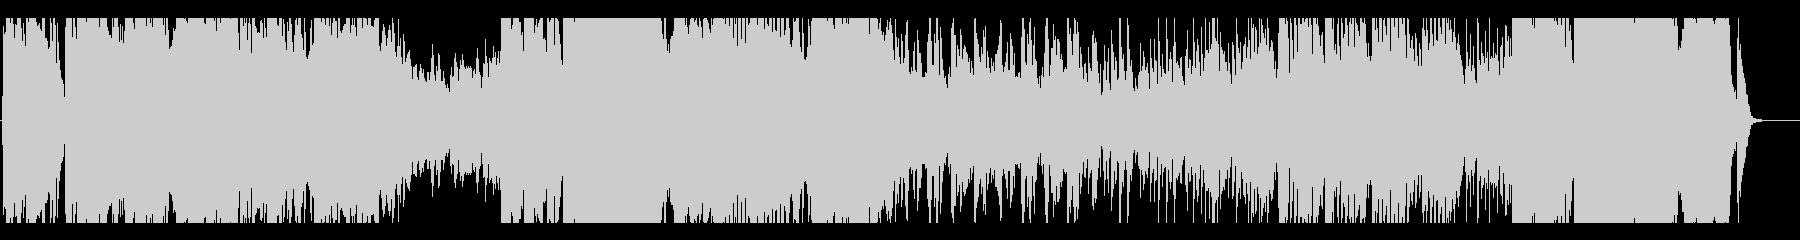 流れるようなピアノが印象的なポップスの未再生の波形